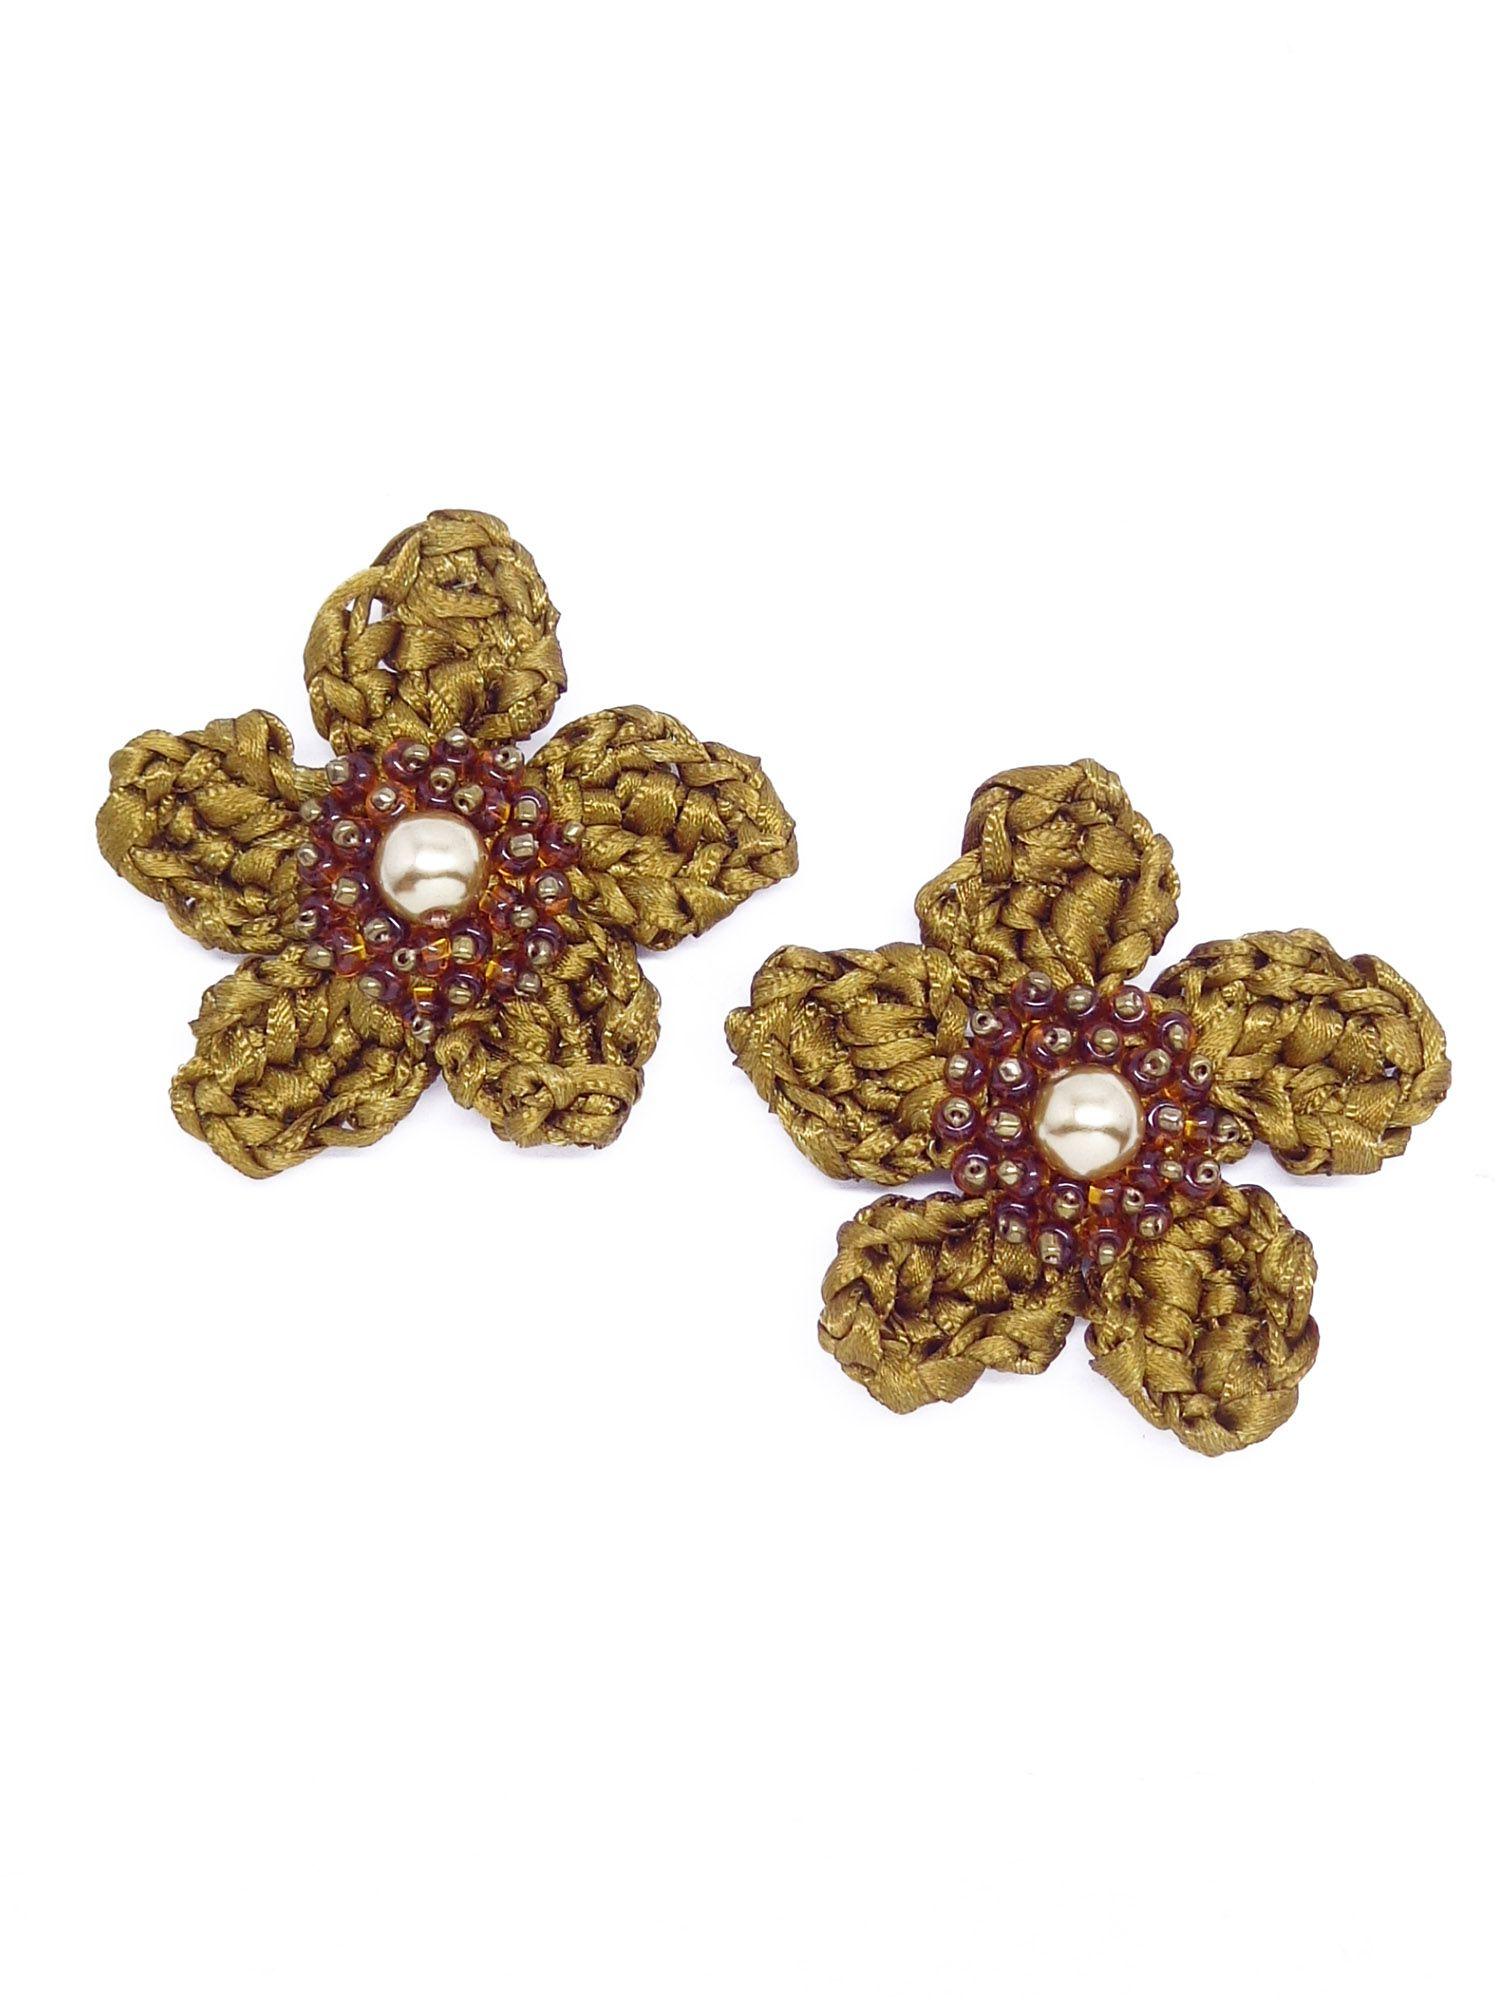 Brinco flor crochê de fita, família essenciais